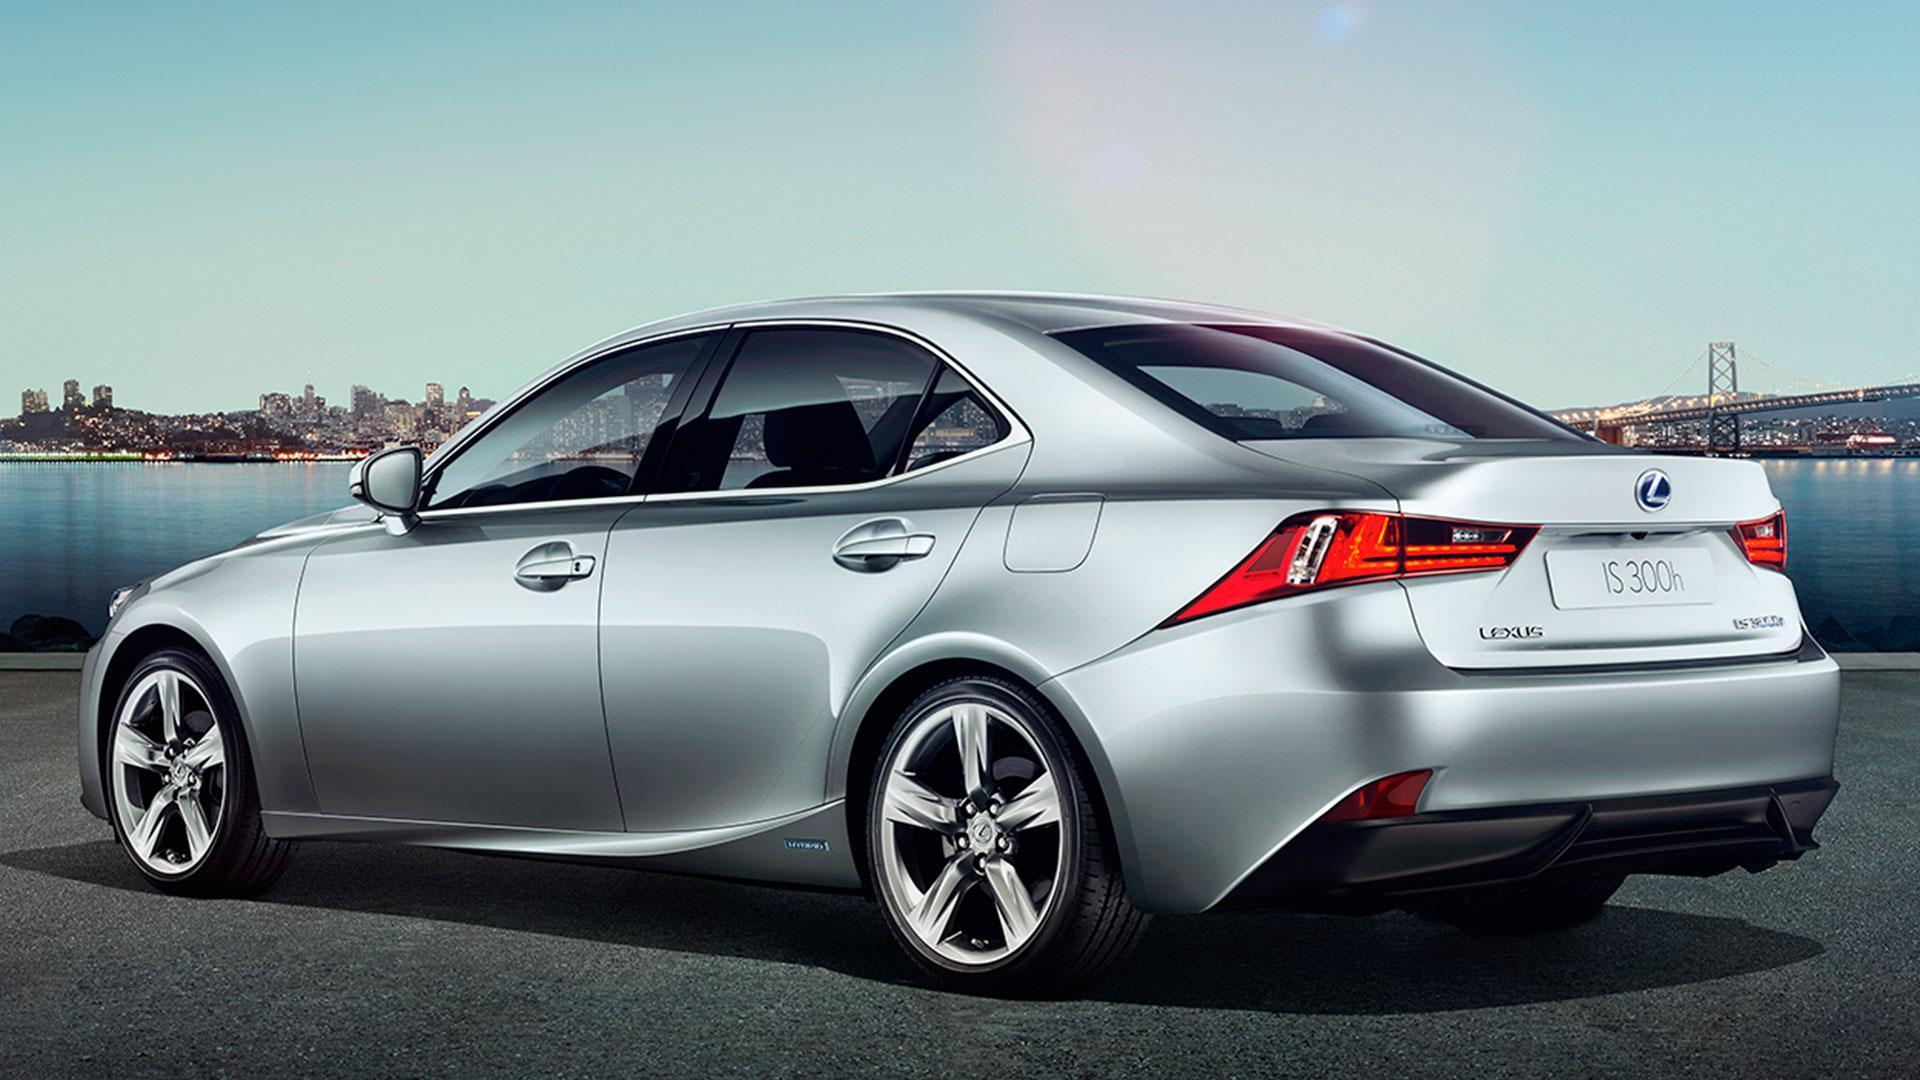 Lexus IS 300h híbrido 2015 hero asset